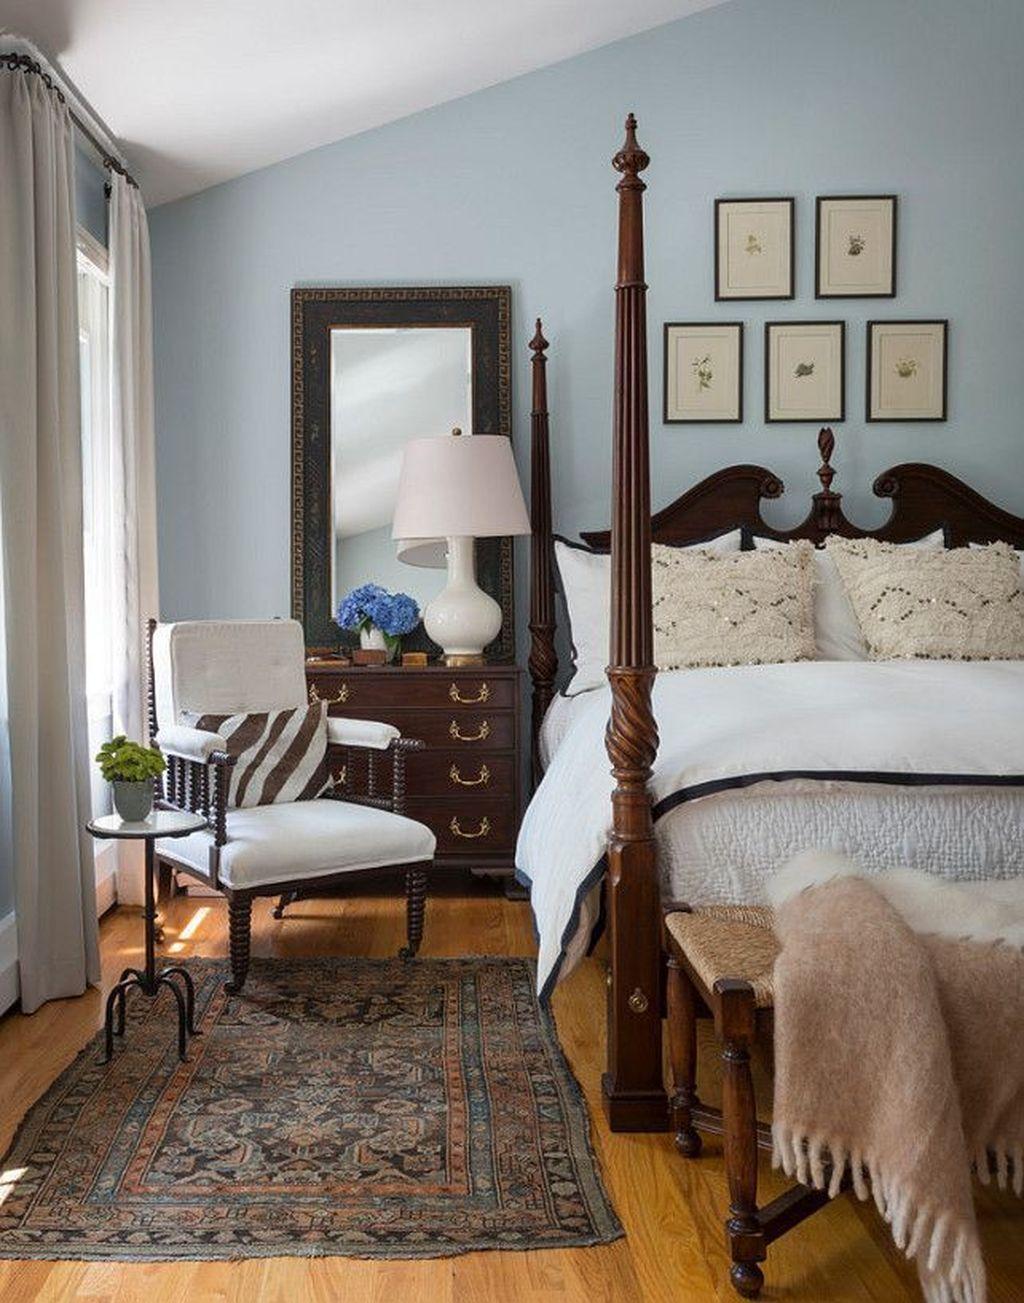 Inspiring Traditional Bedroom Decor Ideas 25